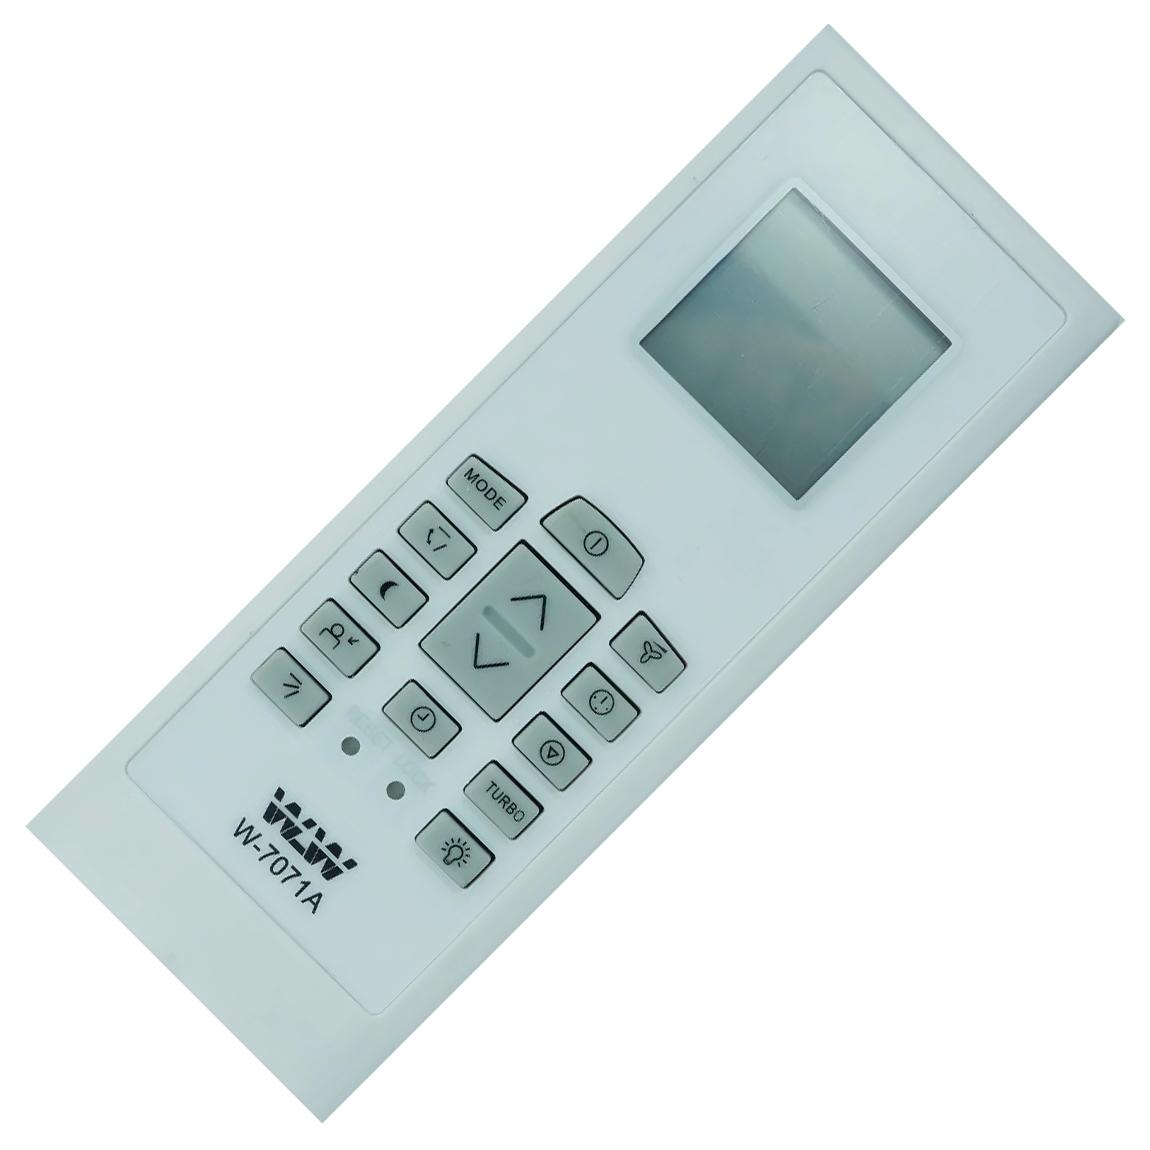 Controle Remoto para Ar Electrolux pi24r pi07r pi18r pi09r pi12r Rg01/bgef-elbr pi07r